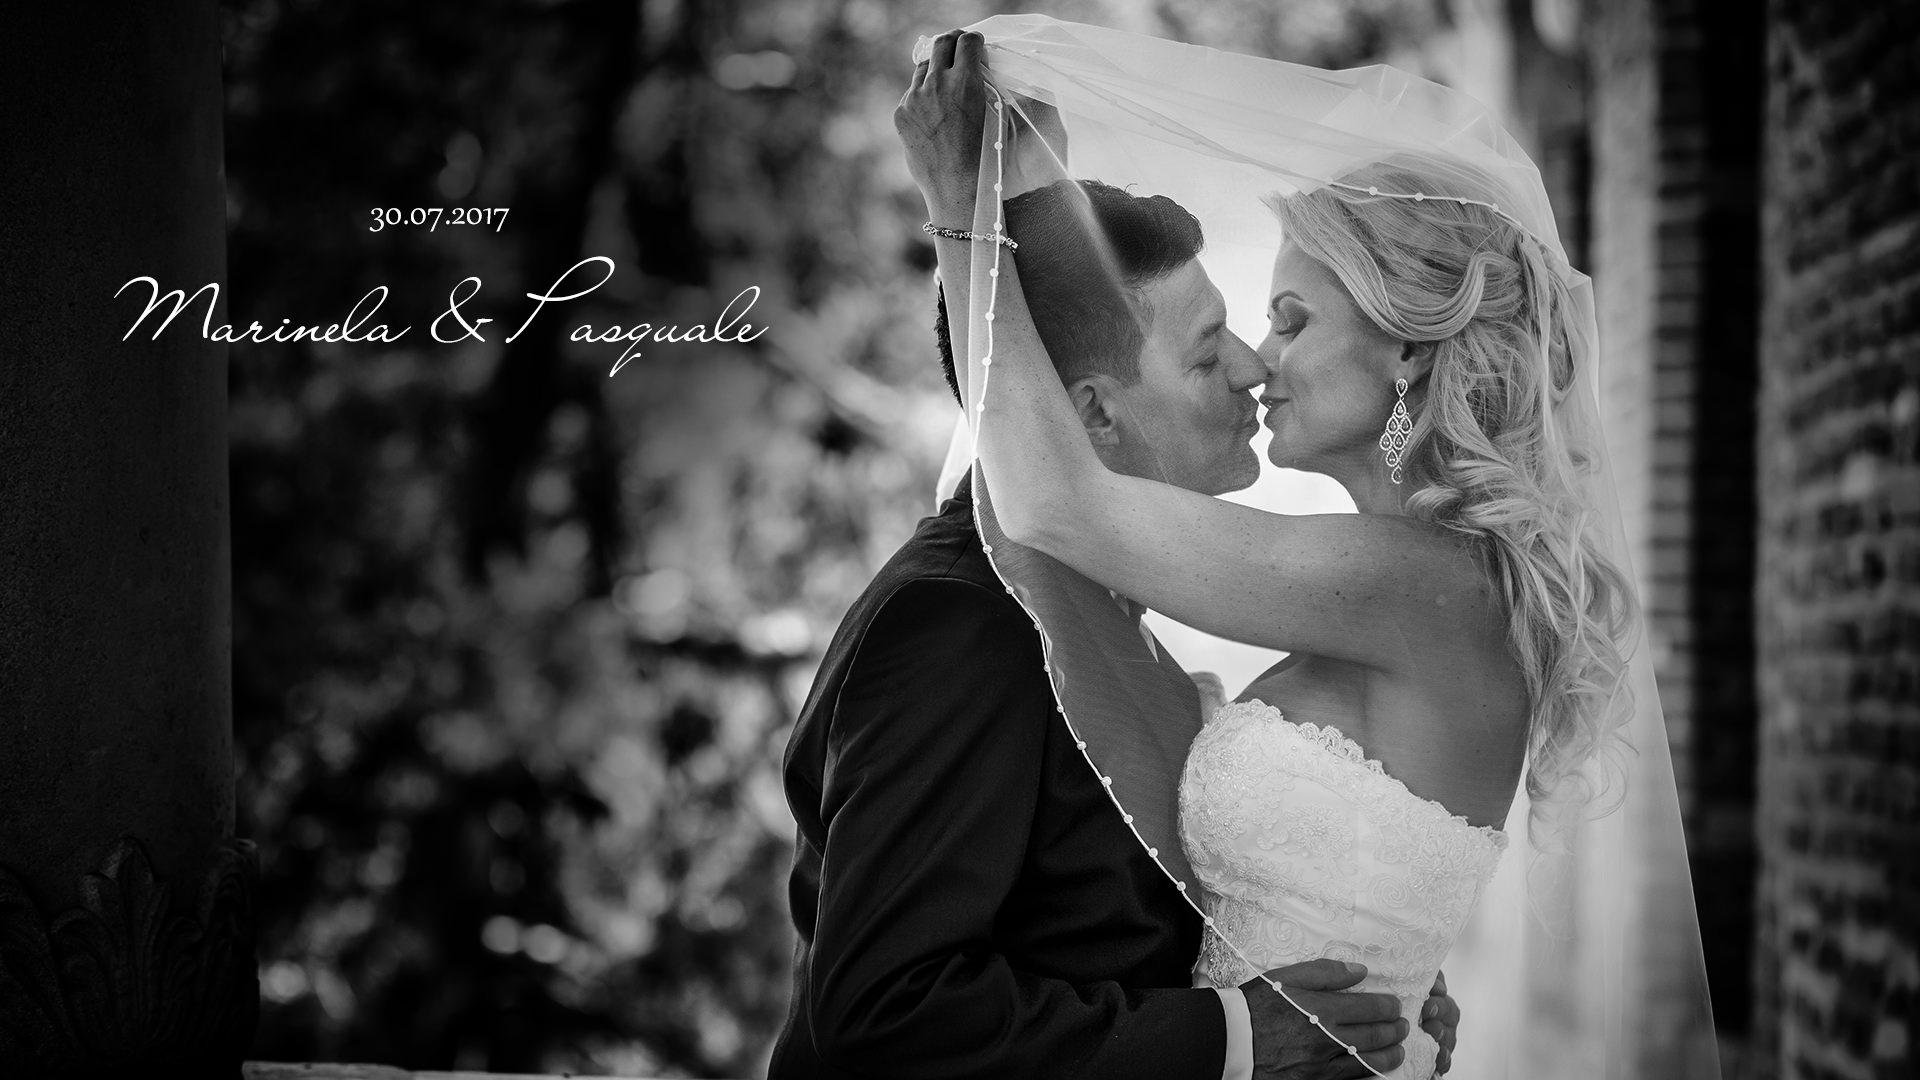 Slideshow De Nuntă – Marinela şi Pasquale (nuntă Bucureşti)